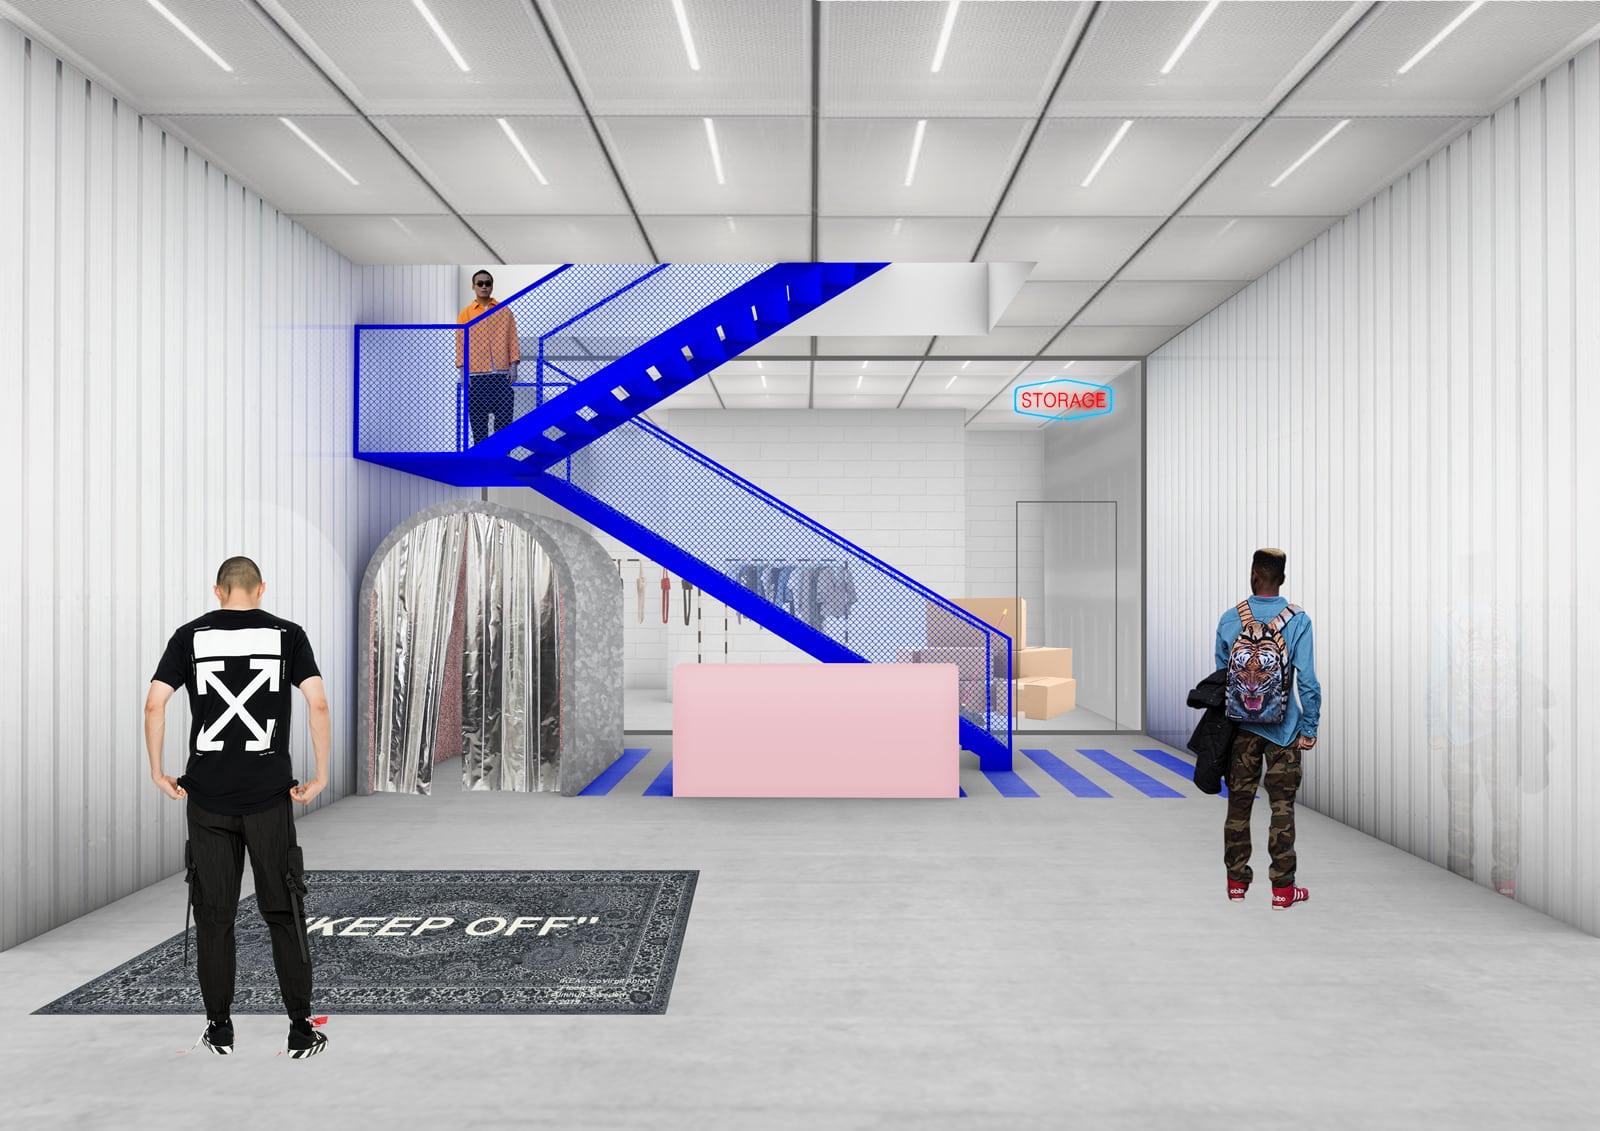 Off-White Flagship Store  - 20210726 OMA OffWhiteMiami 11.2 71